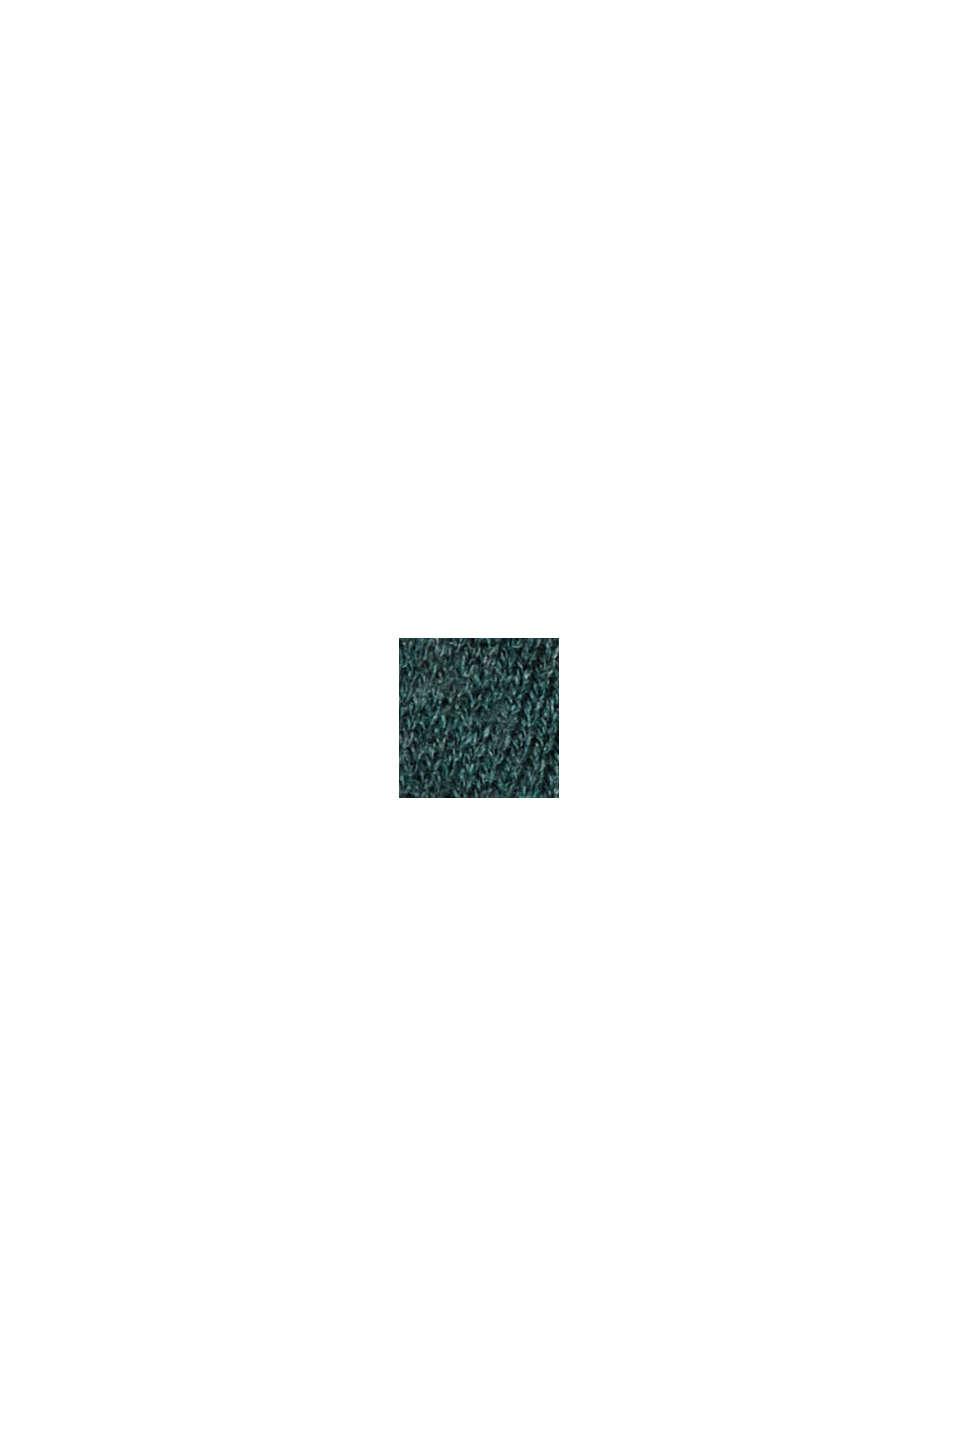 Trui met capuchon van een mix met biologisch katoen, TEAL BLUE 5, swatch